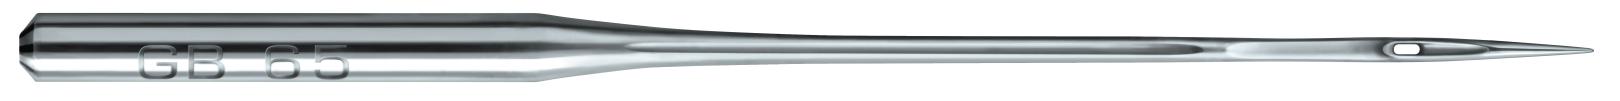 Швейная игла Groz-Beckert UY 128 GAS №85